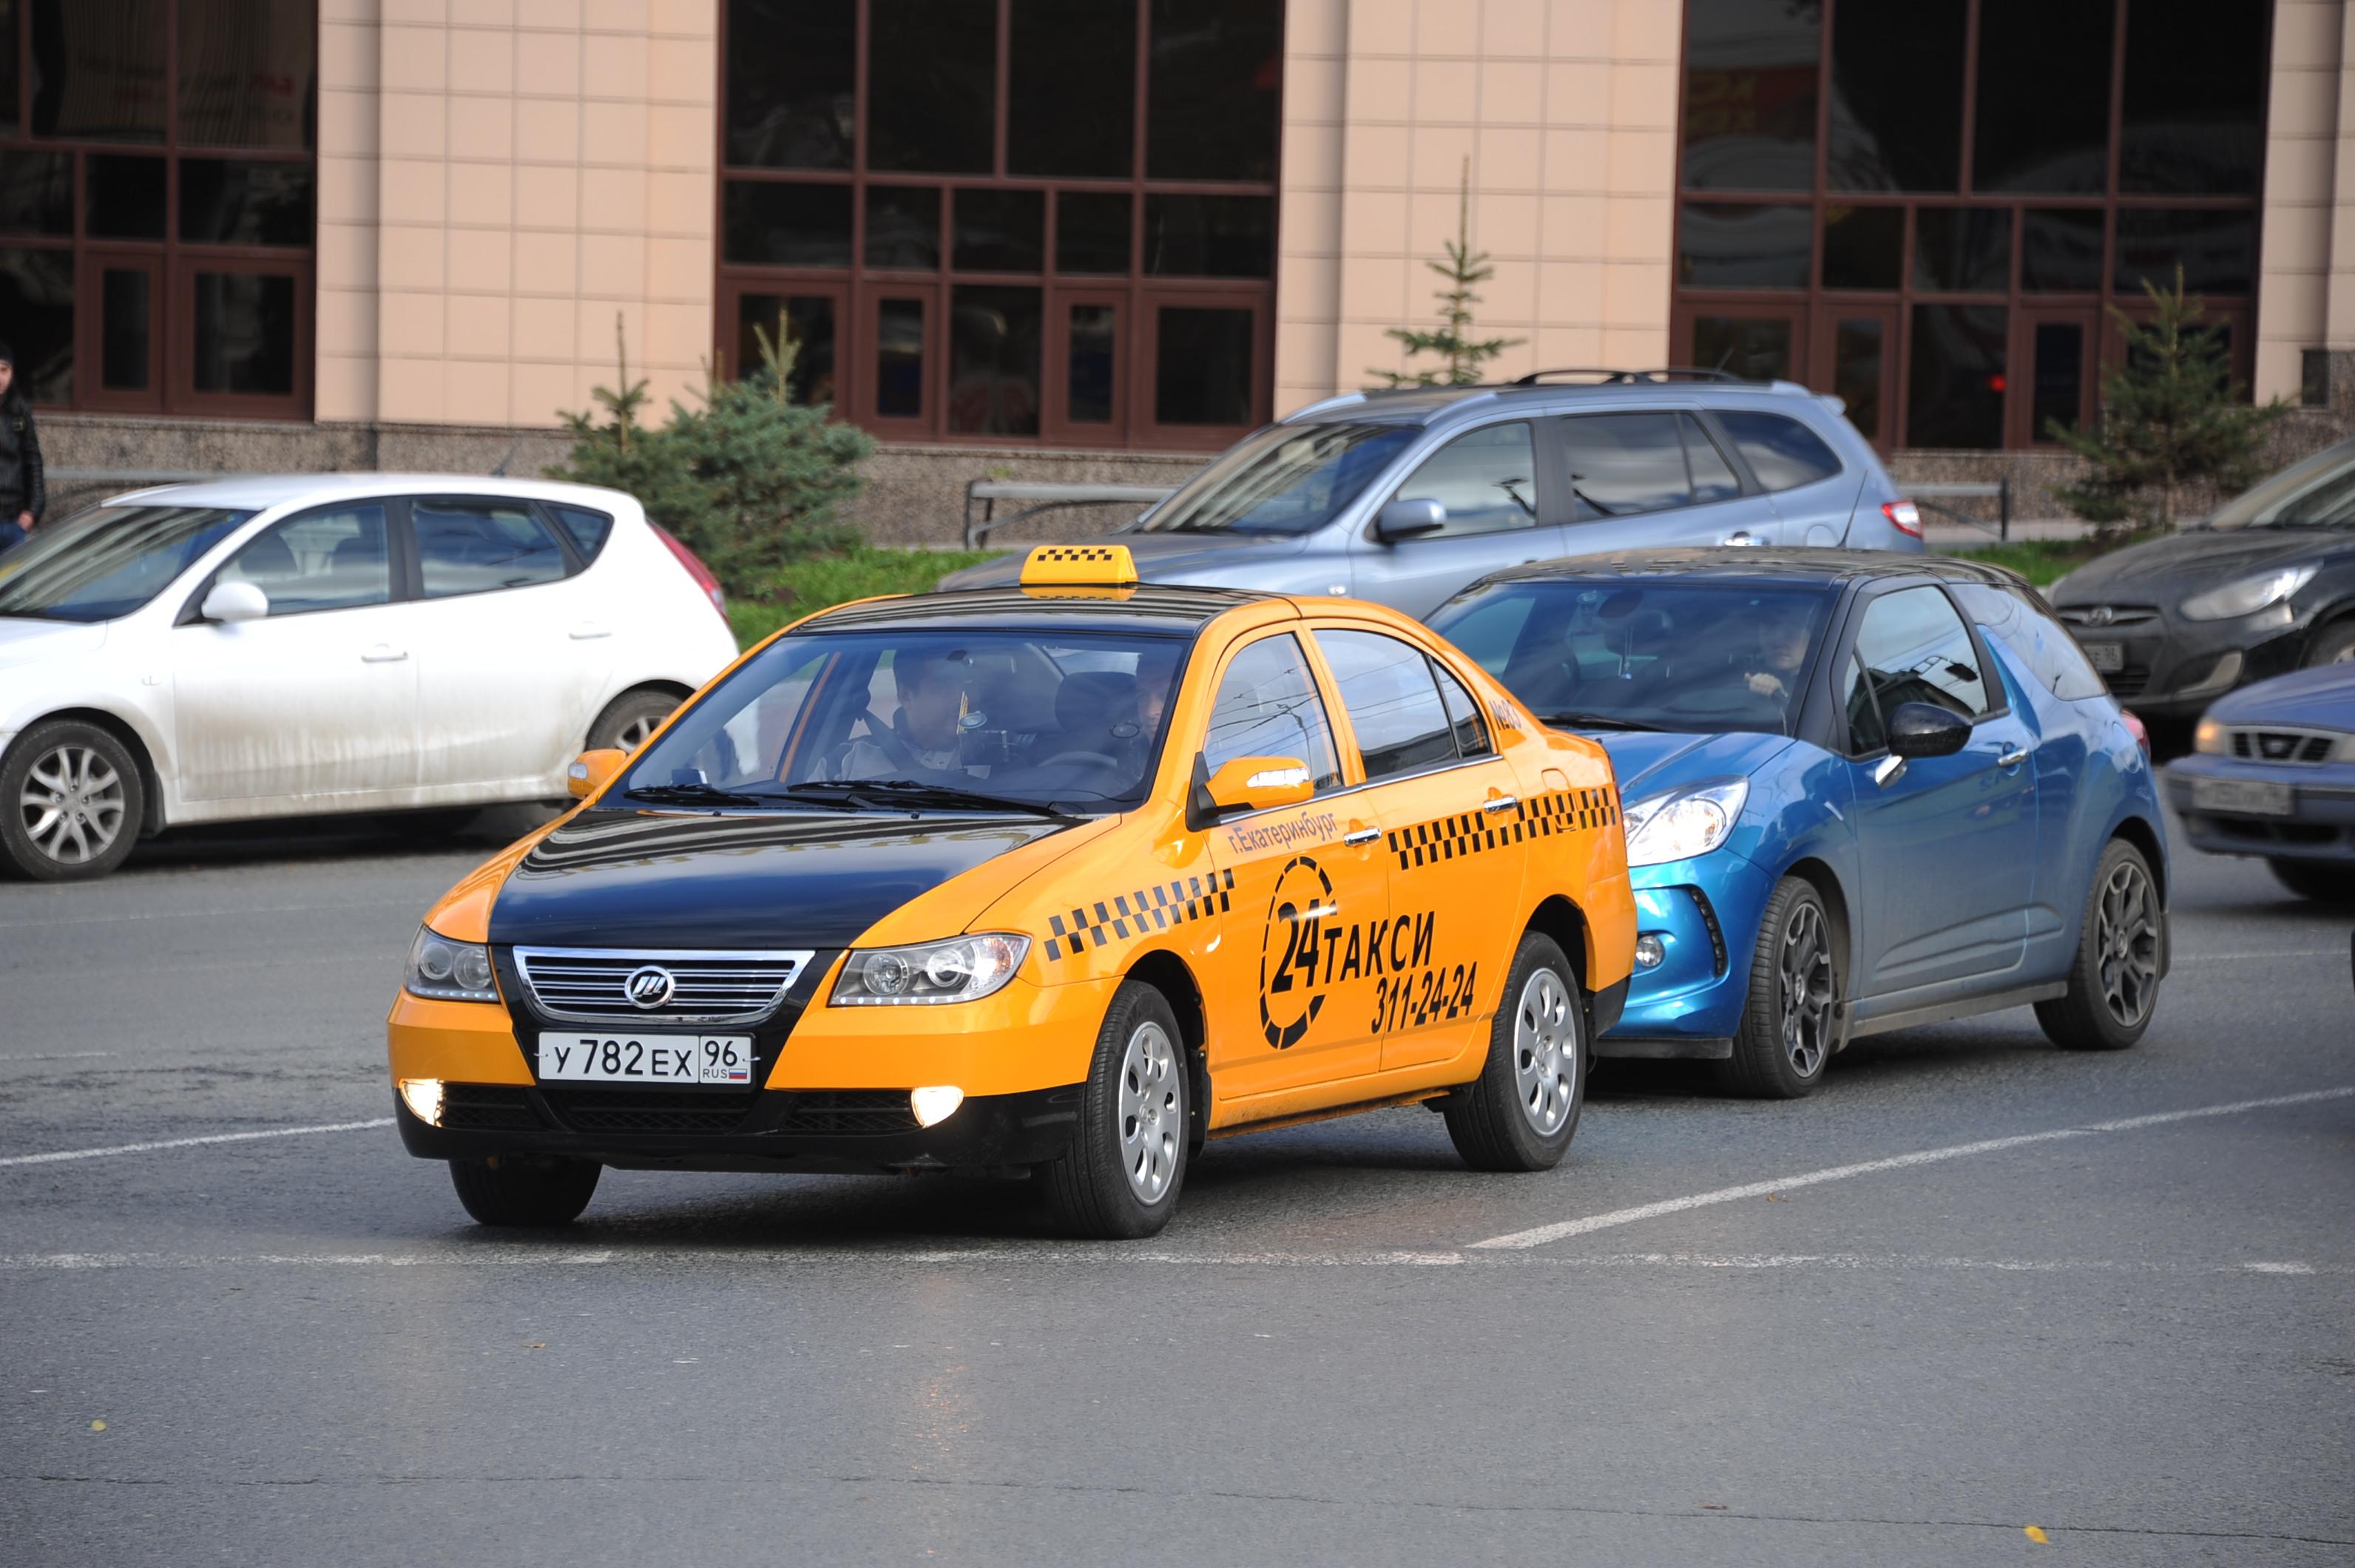 Роспотребнадзор запустил «горячую линию» по услугам такси и каршеринга